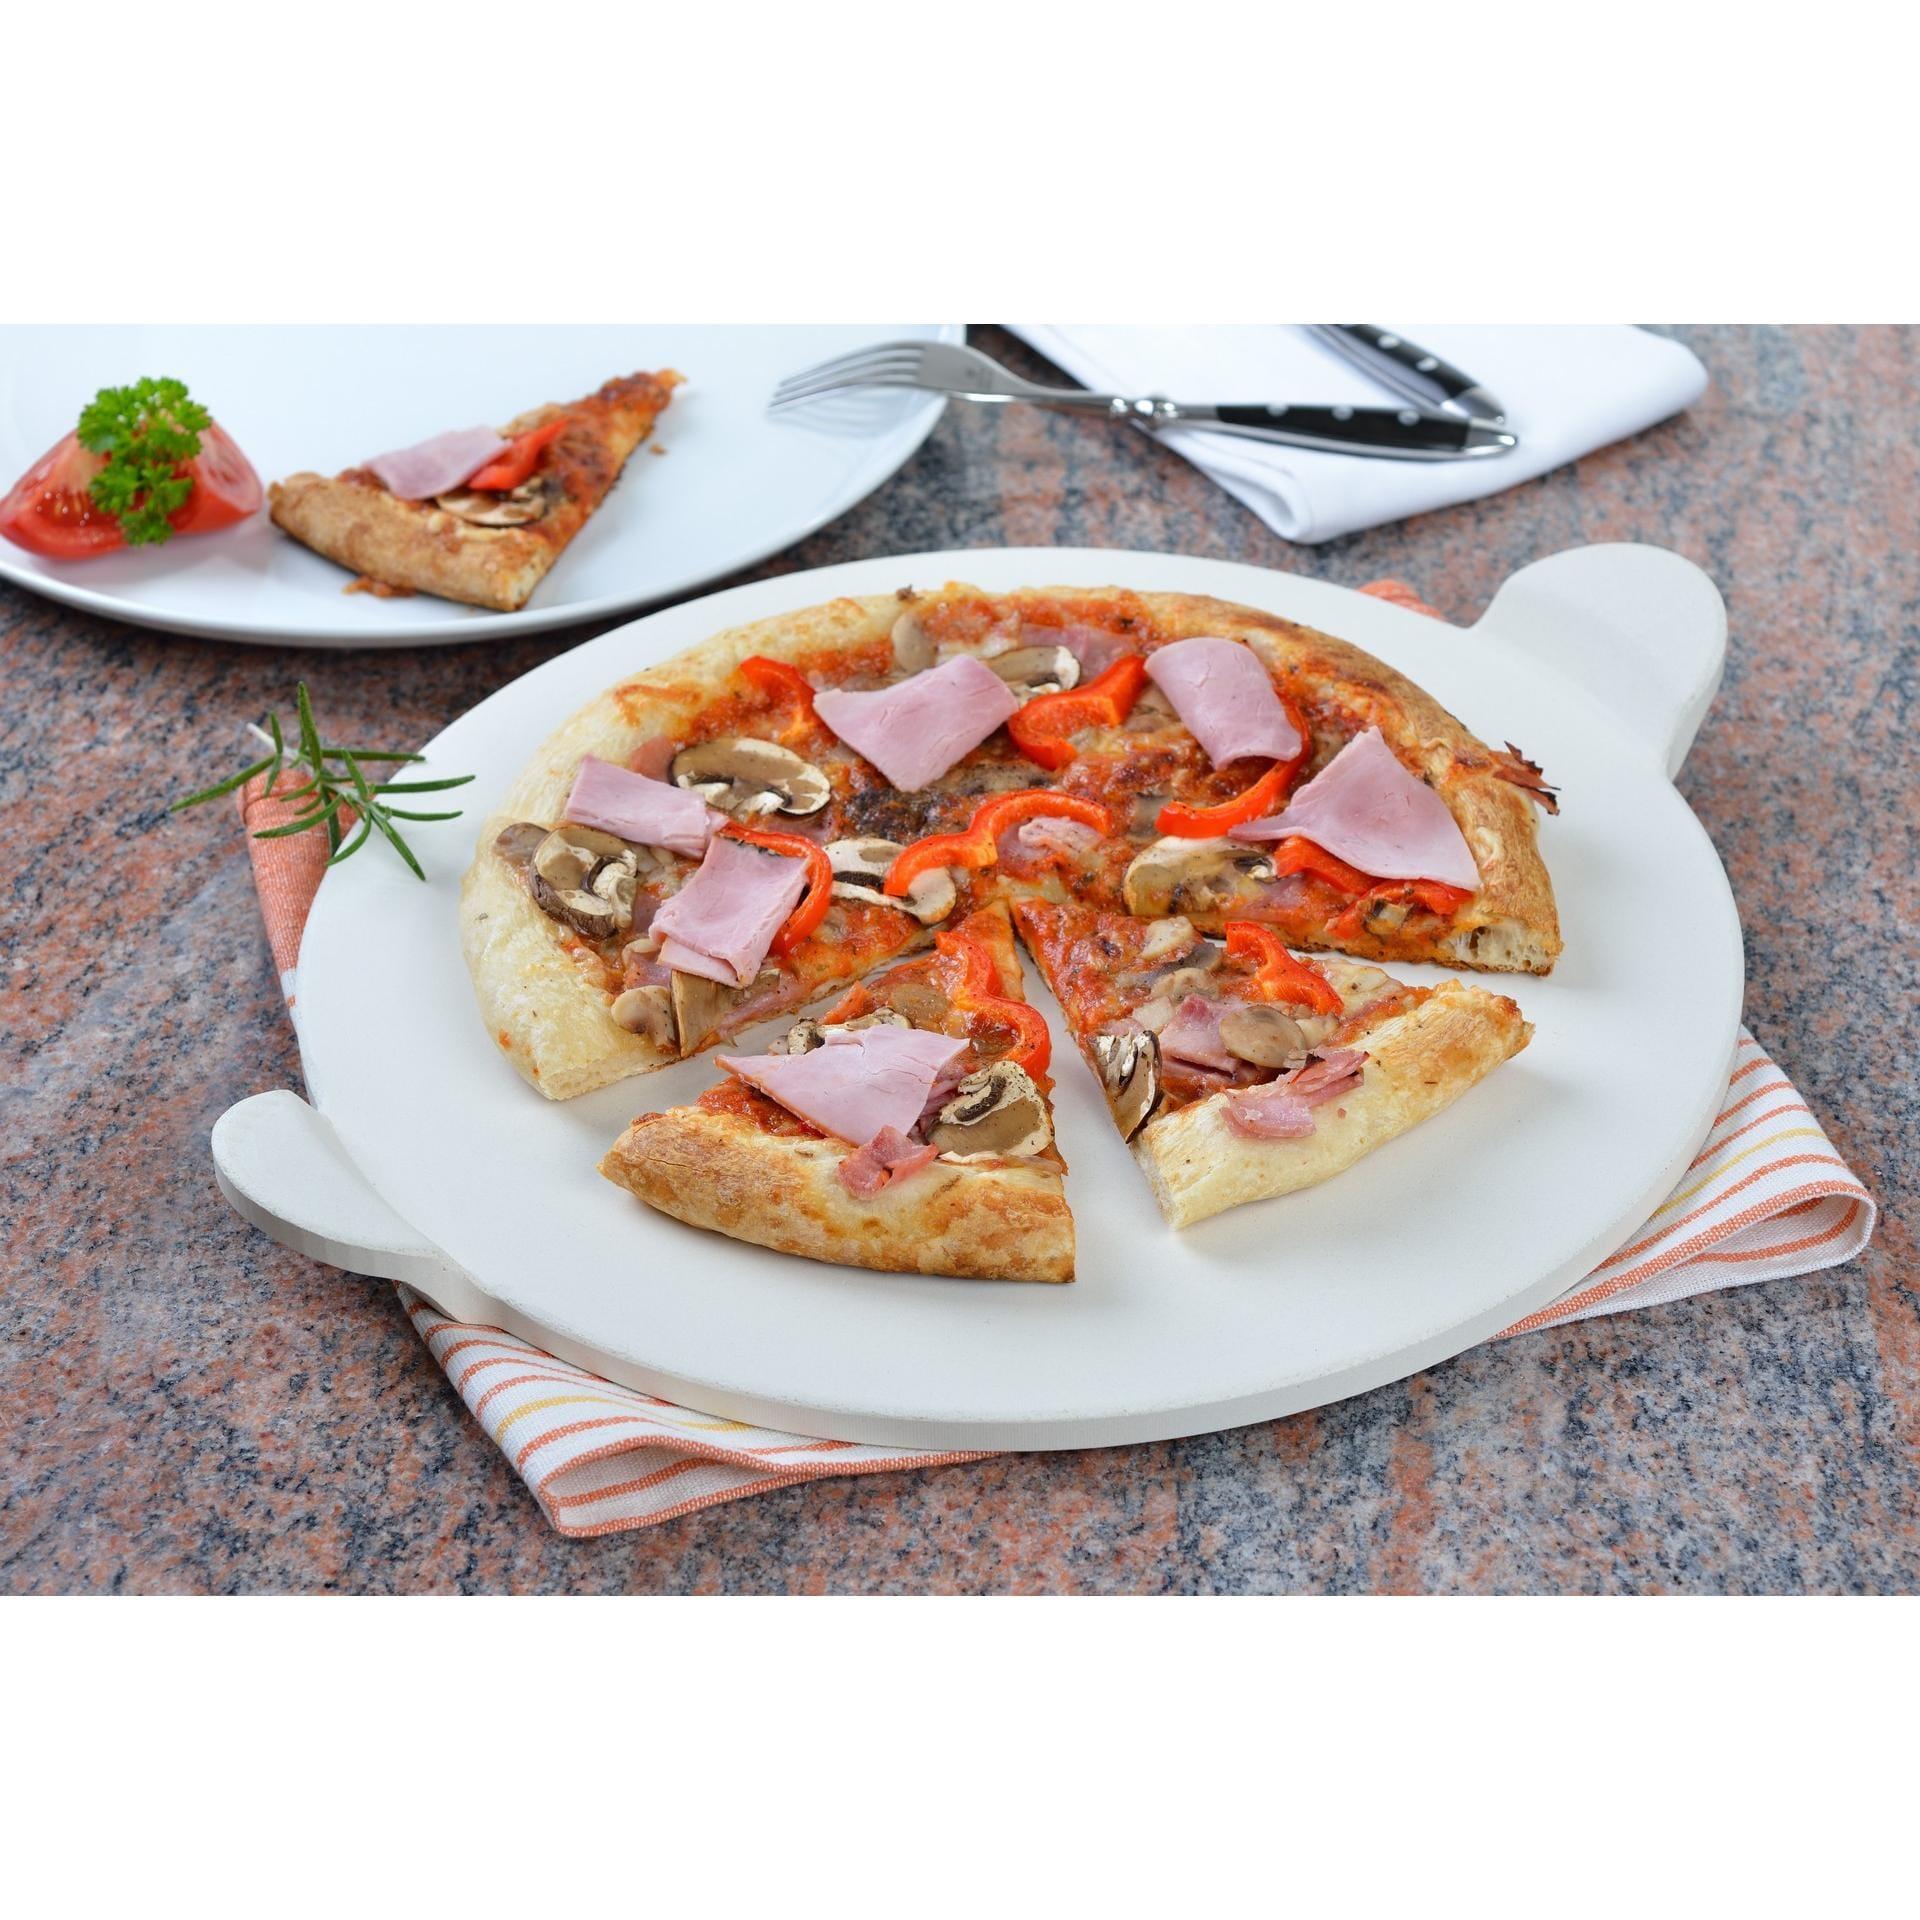 GRÄWE Pizzastein-Set mit Pizzaheber 4-teilig